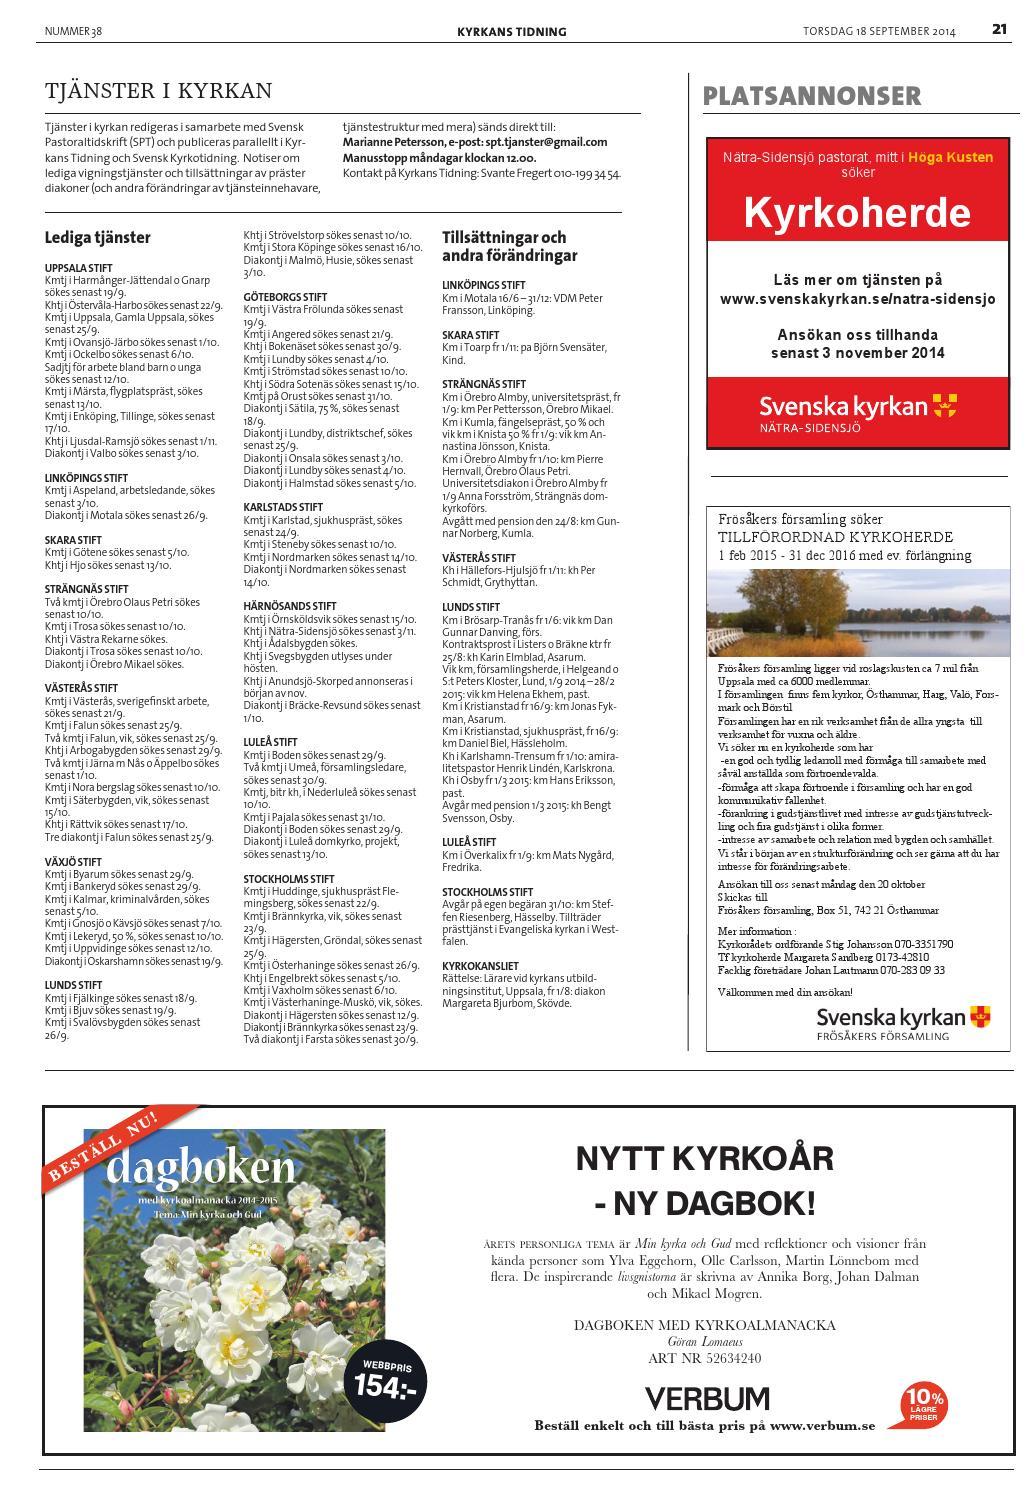 Okategoriserade-arkiv - Sida 5 av 8 - Svensk FormSvensk